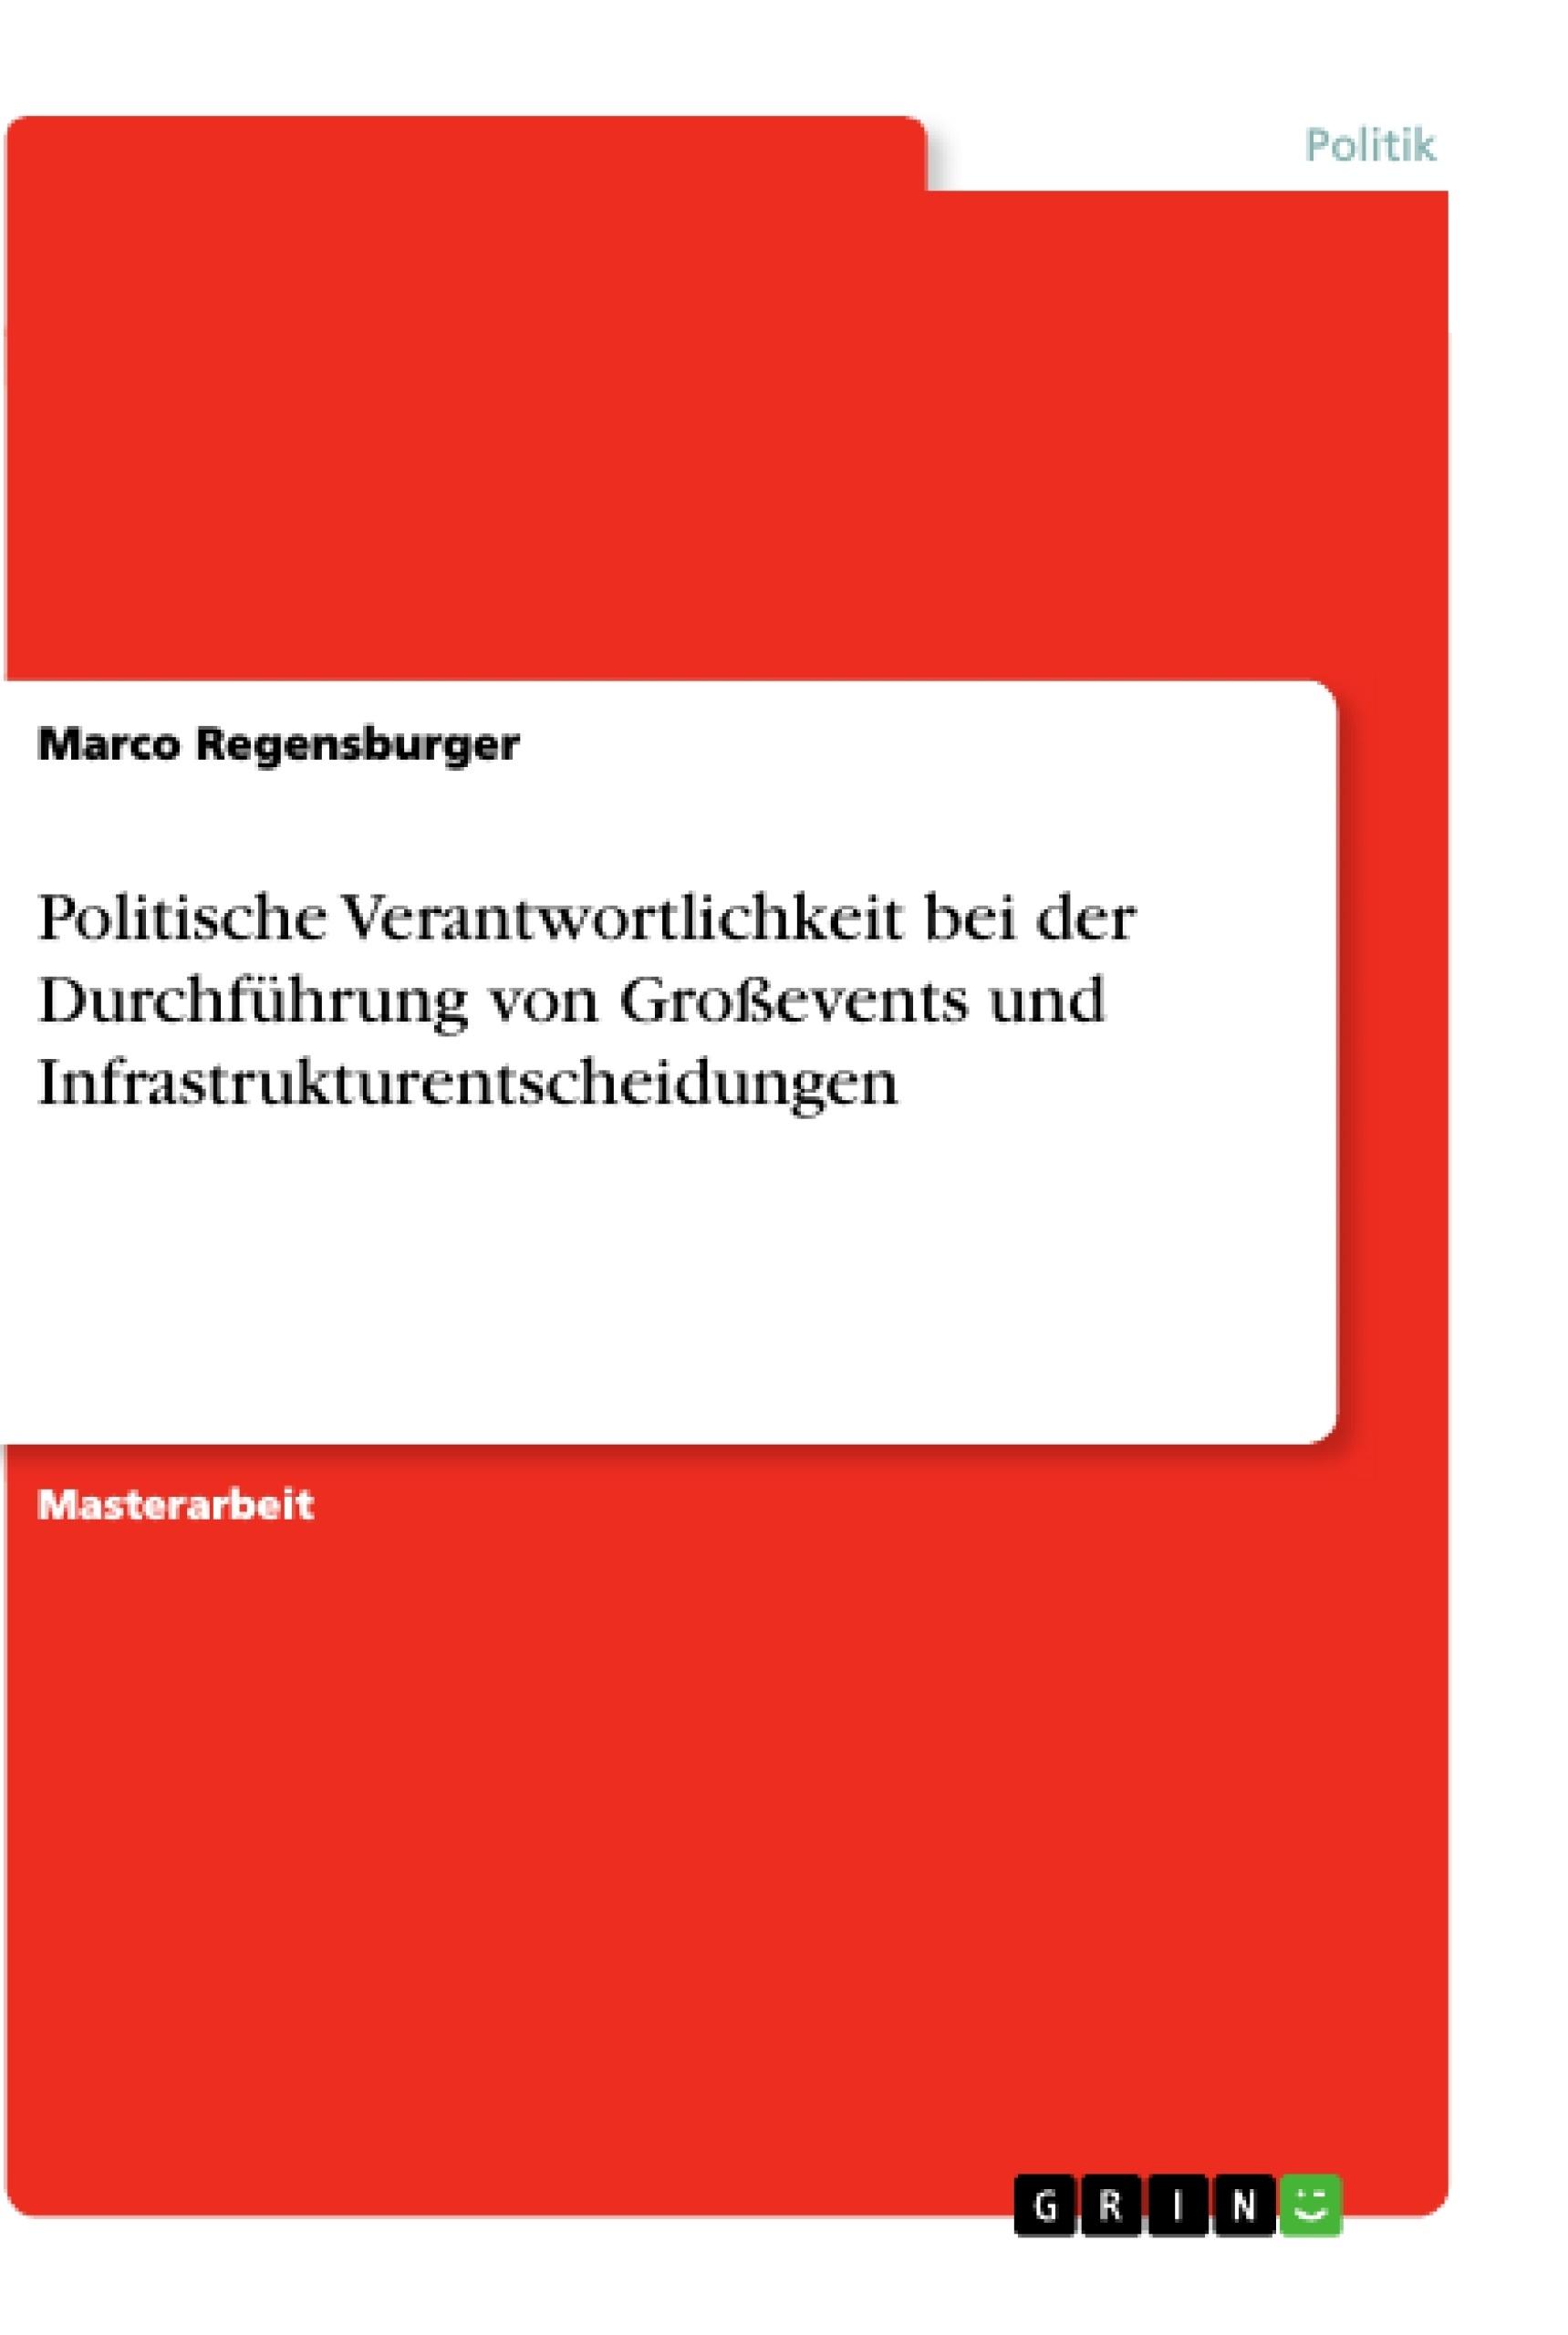 Titel: Politische Verantwortlichkeit bei der Durchführung von Großevents und Infrastrukturentscheidungen